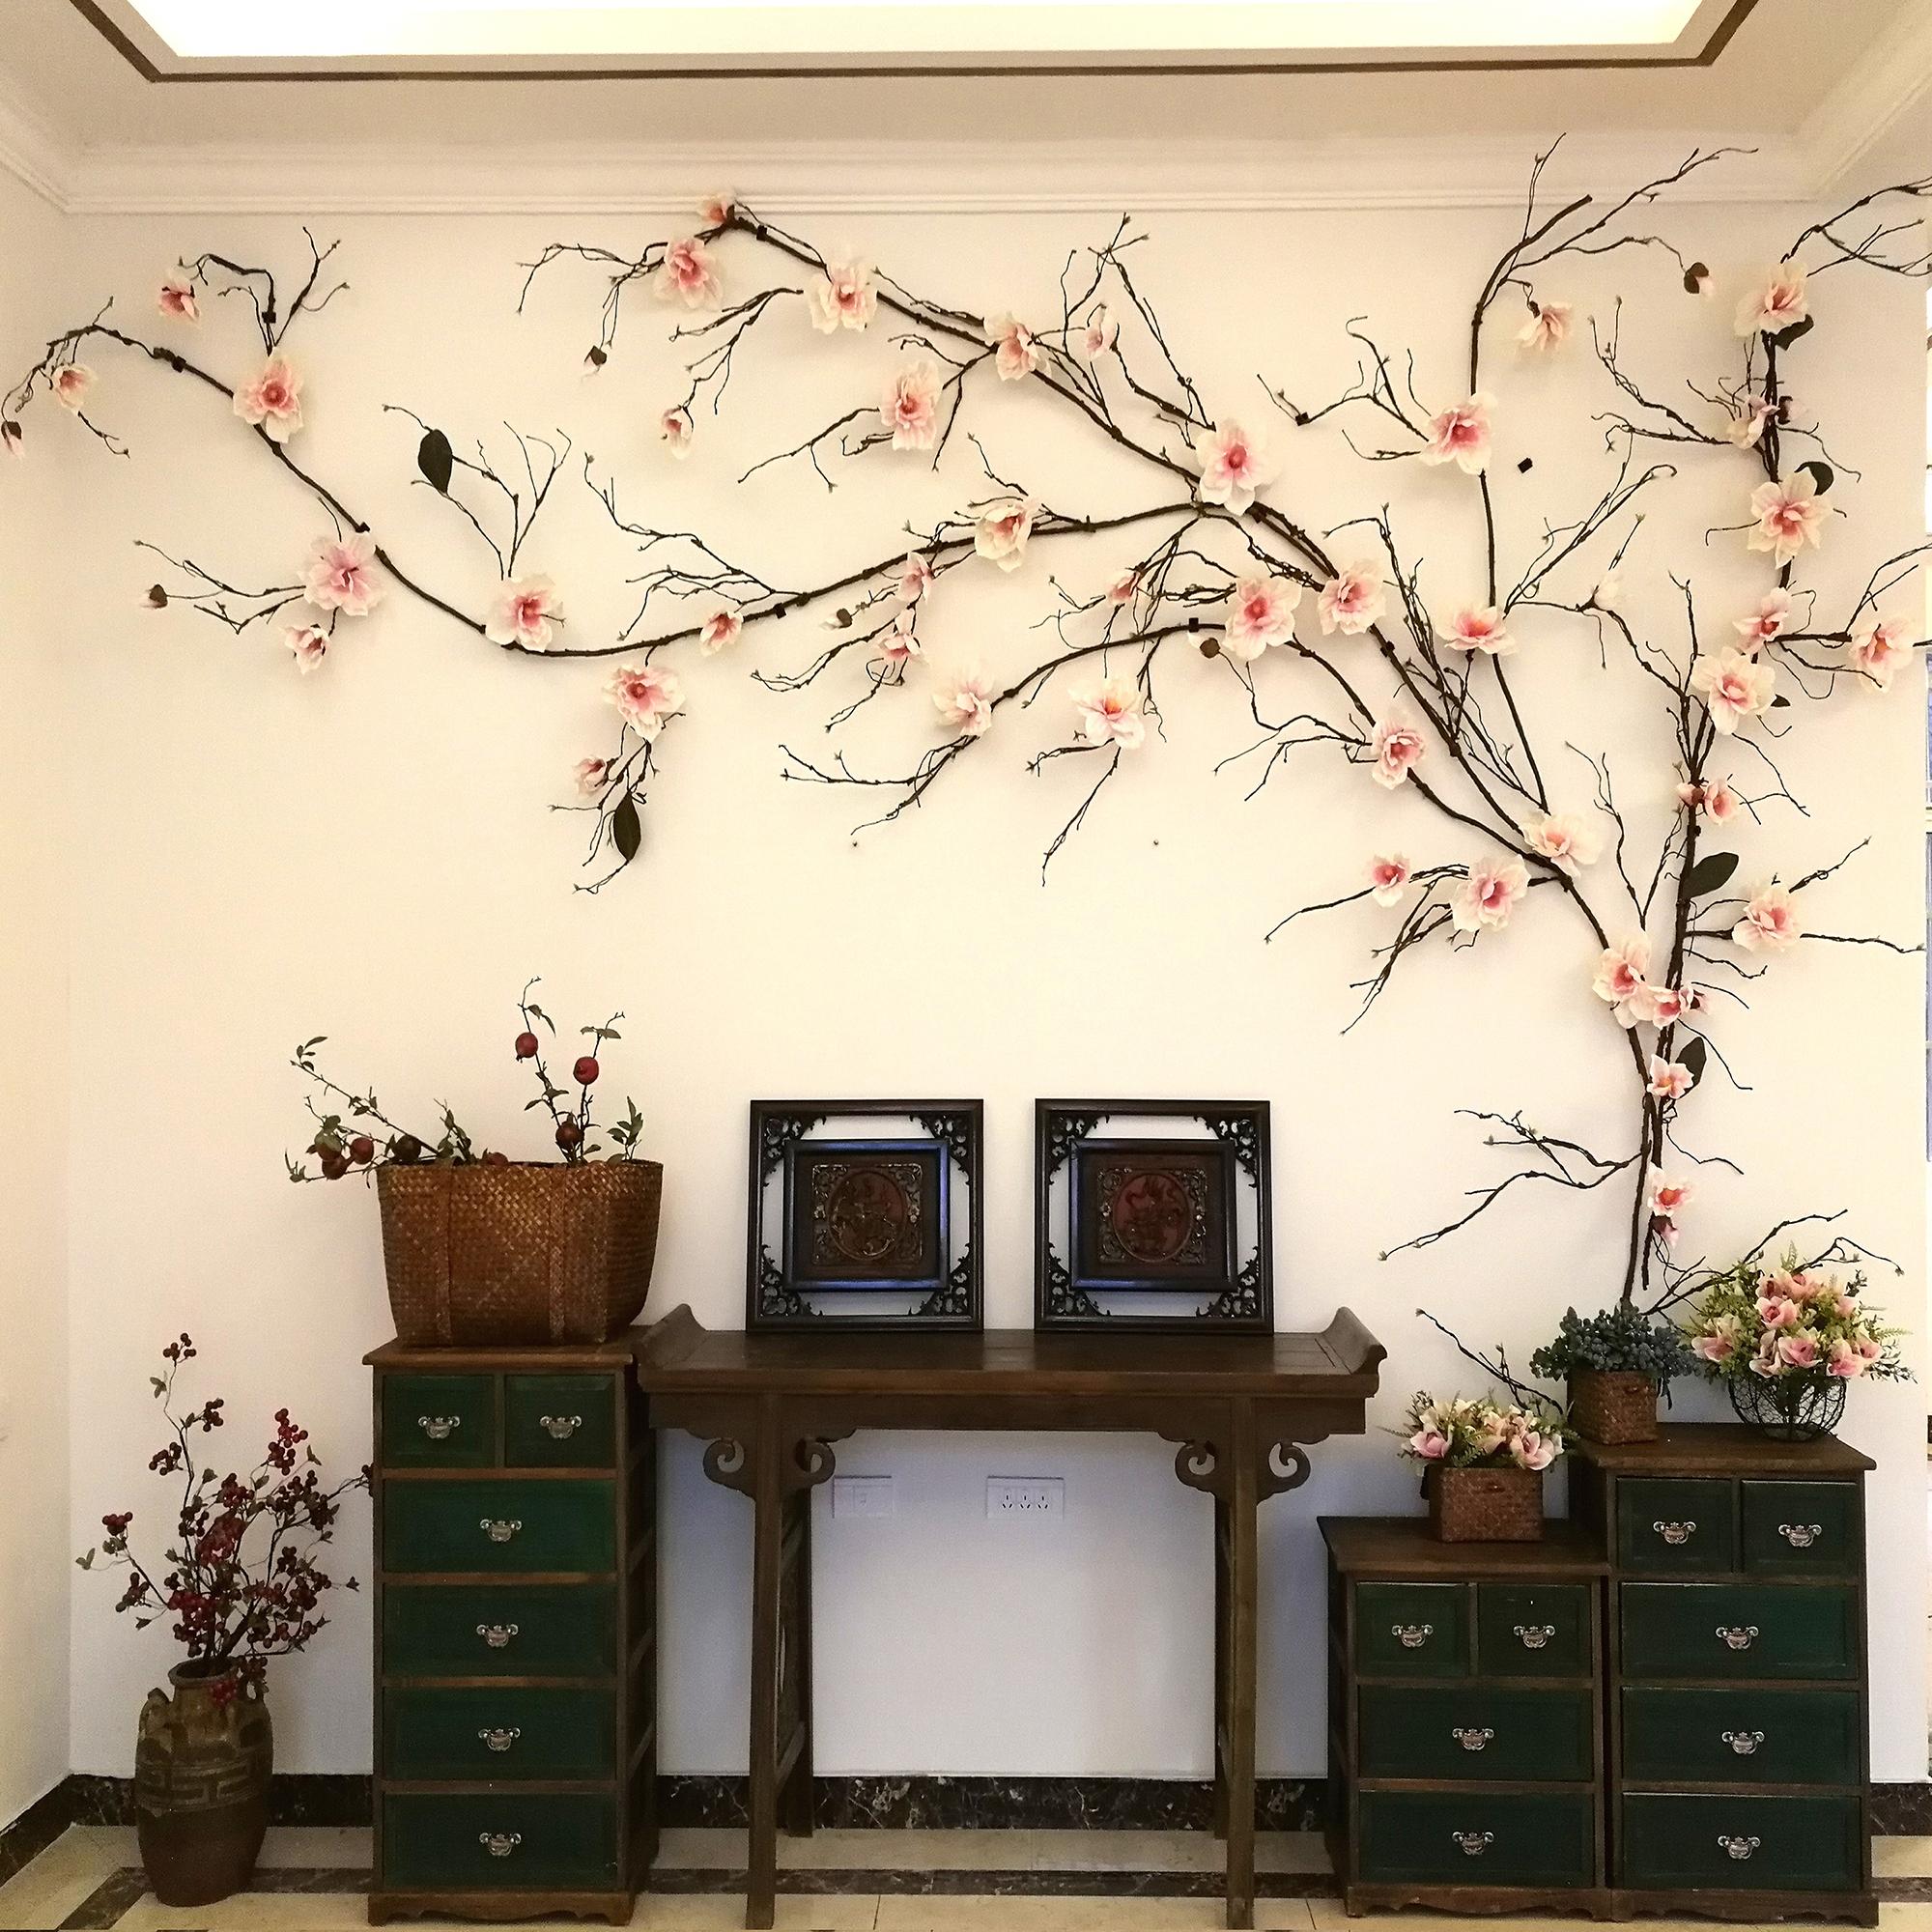 文艺术复古仿真树枝干藤条北欧中式适3-10米超宽电视背景墙壁装饰